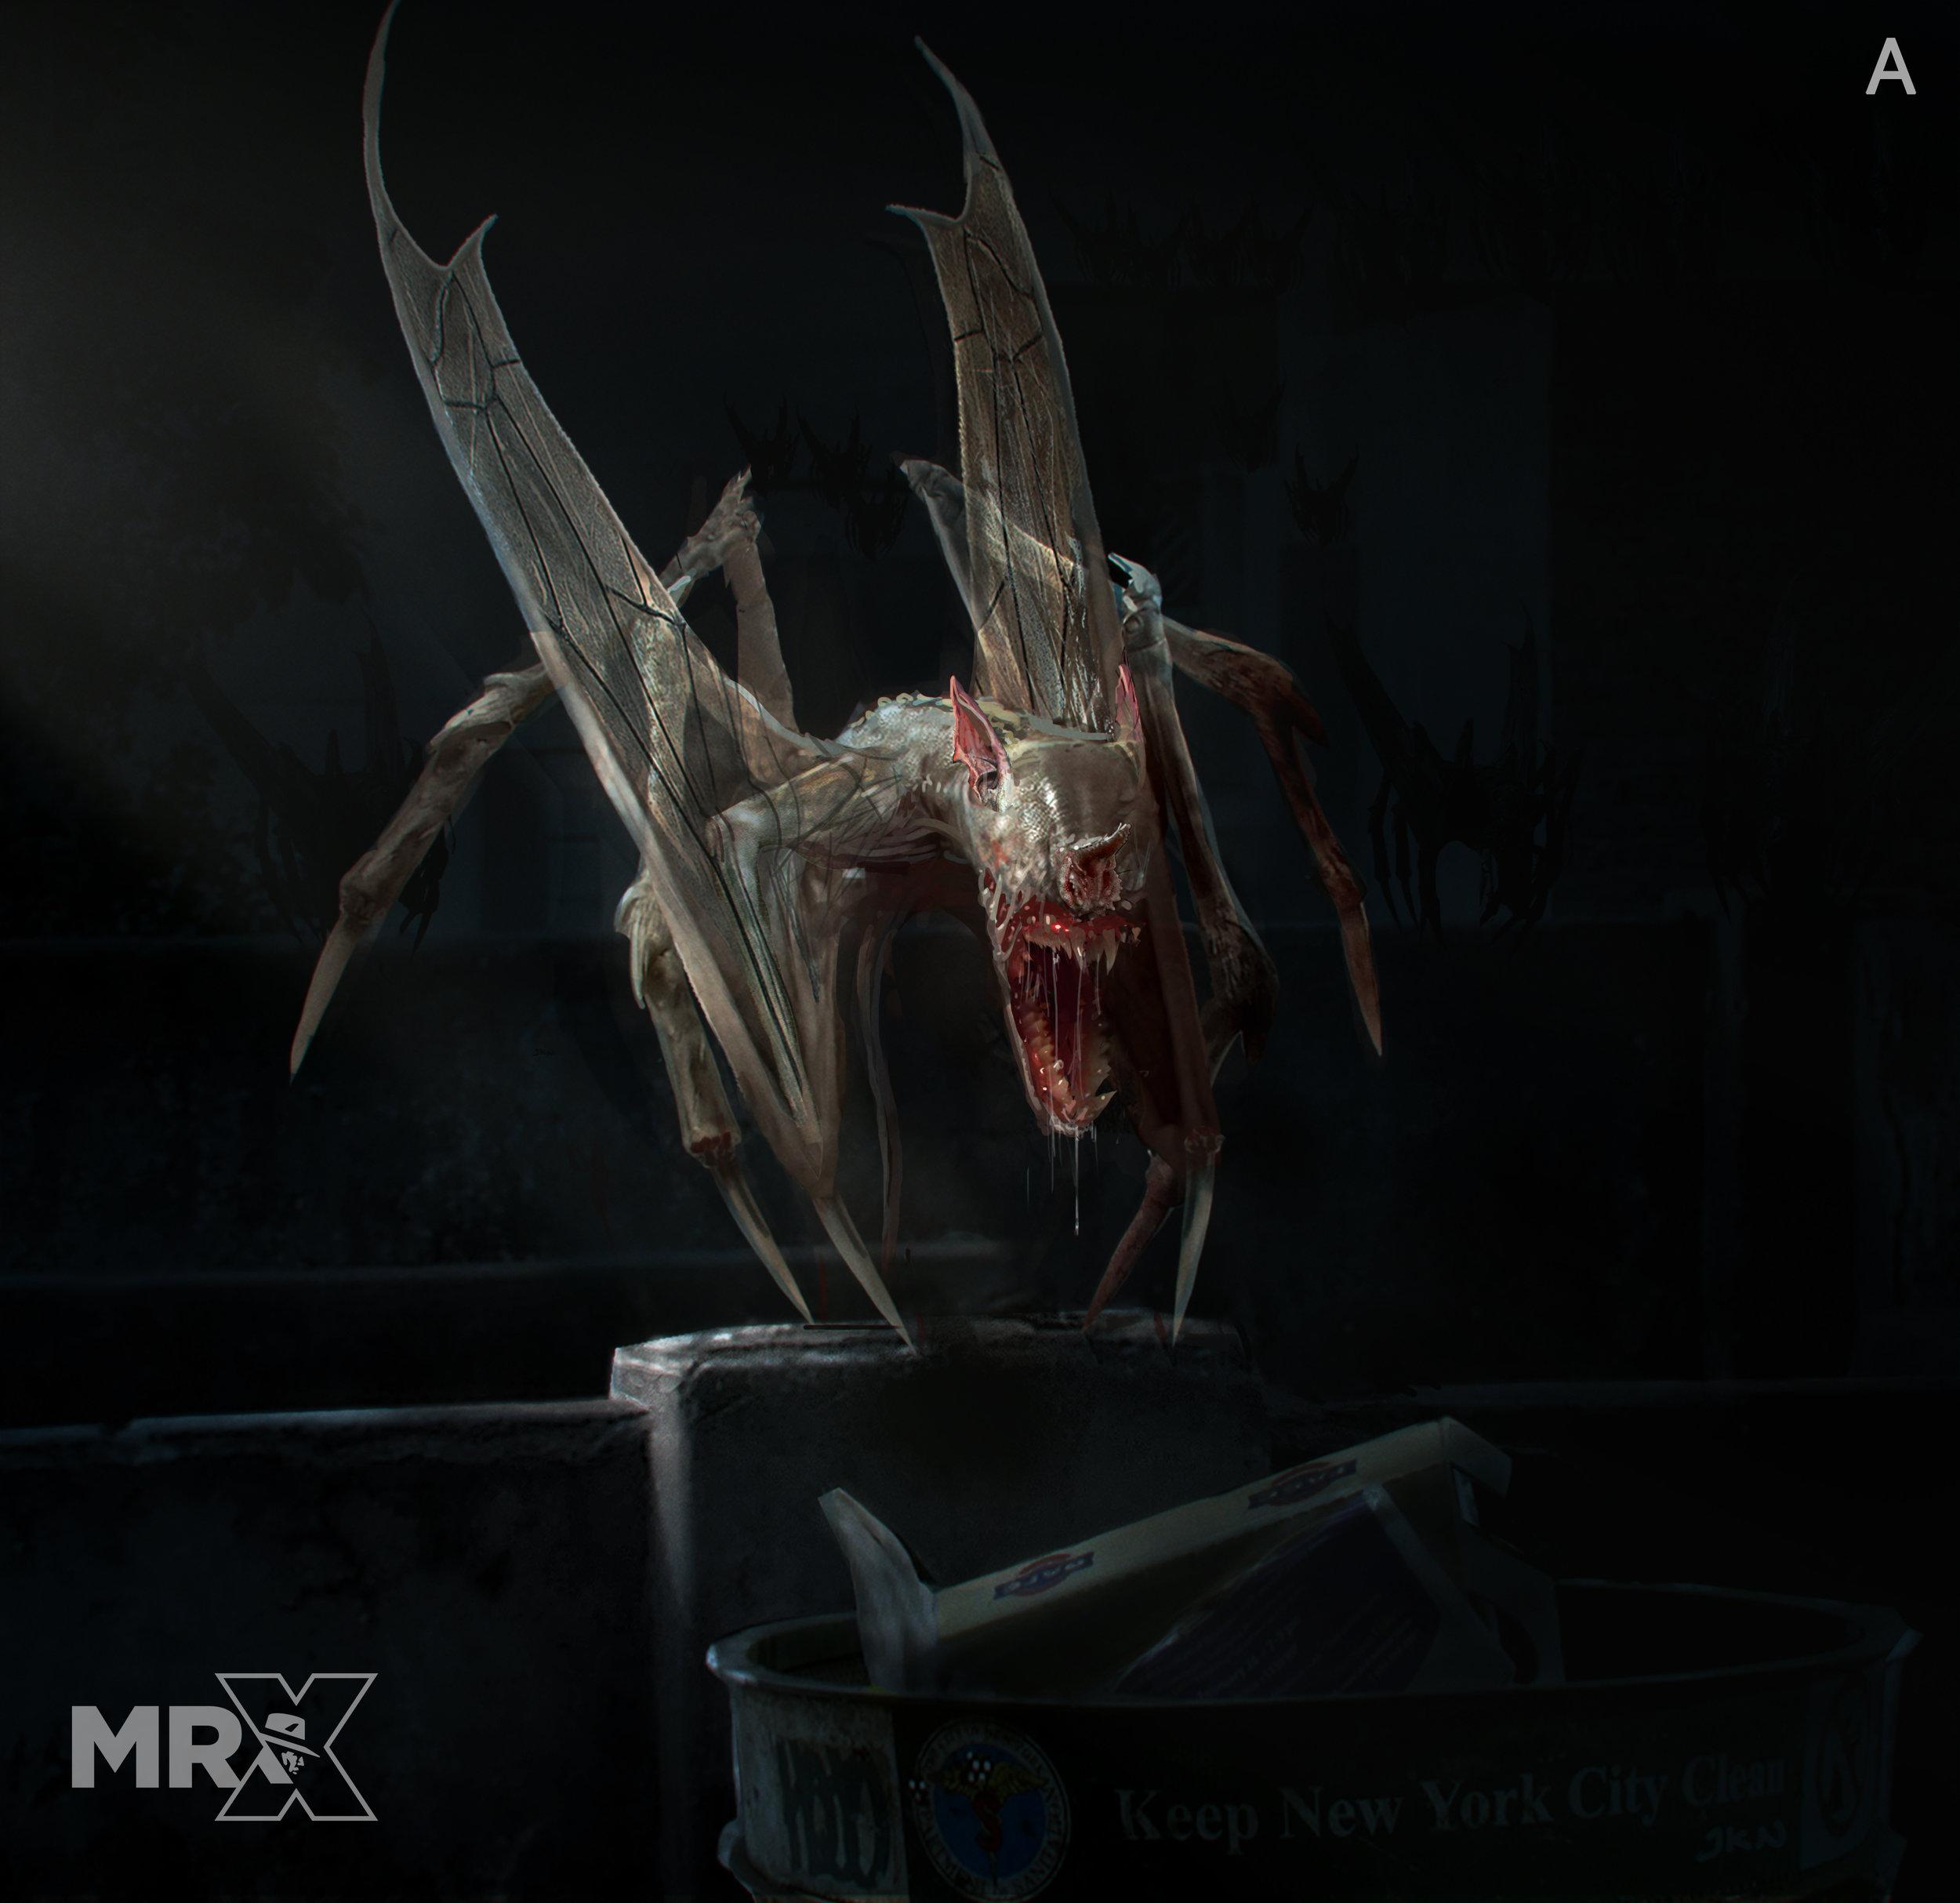 sil_VESP_arachnid_bat_concept_v002.jpg